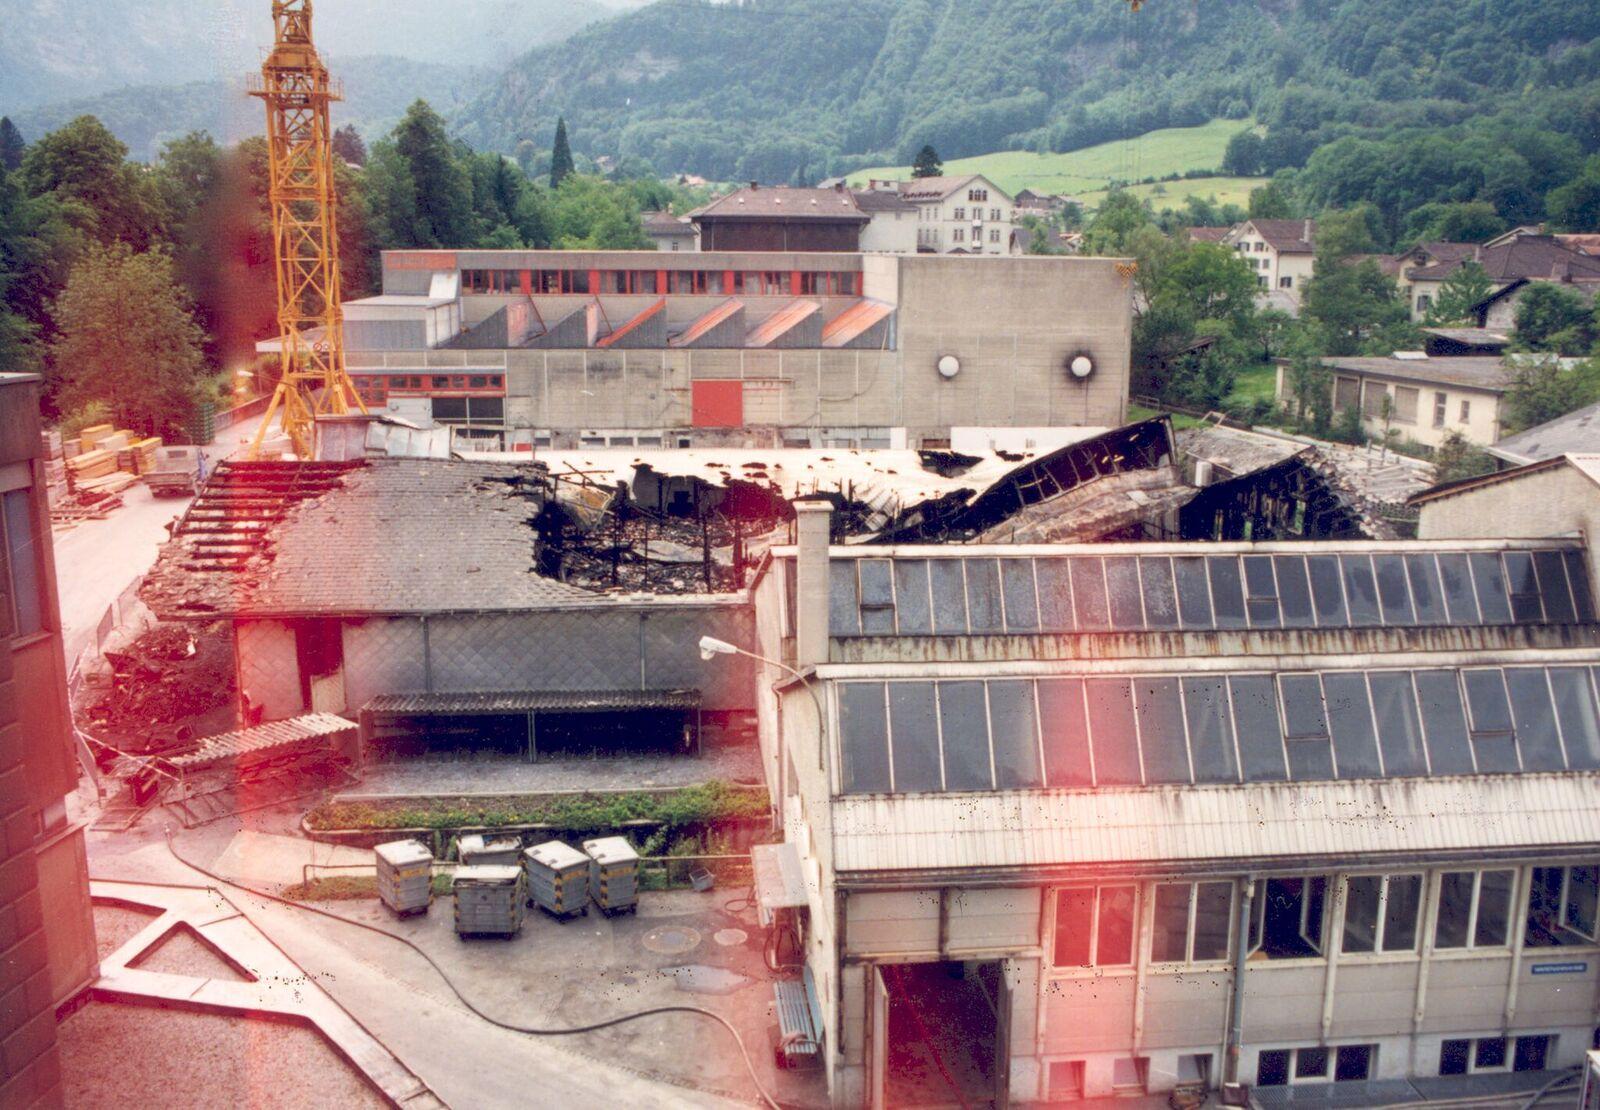 Blick auf den riesigen Schadenplatz mit dem total zerstörten Fertigwarenlager.